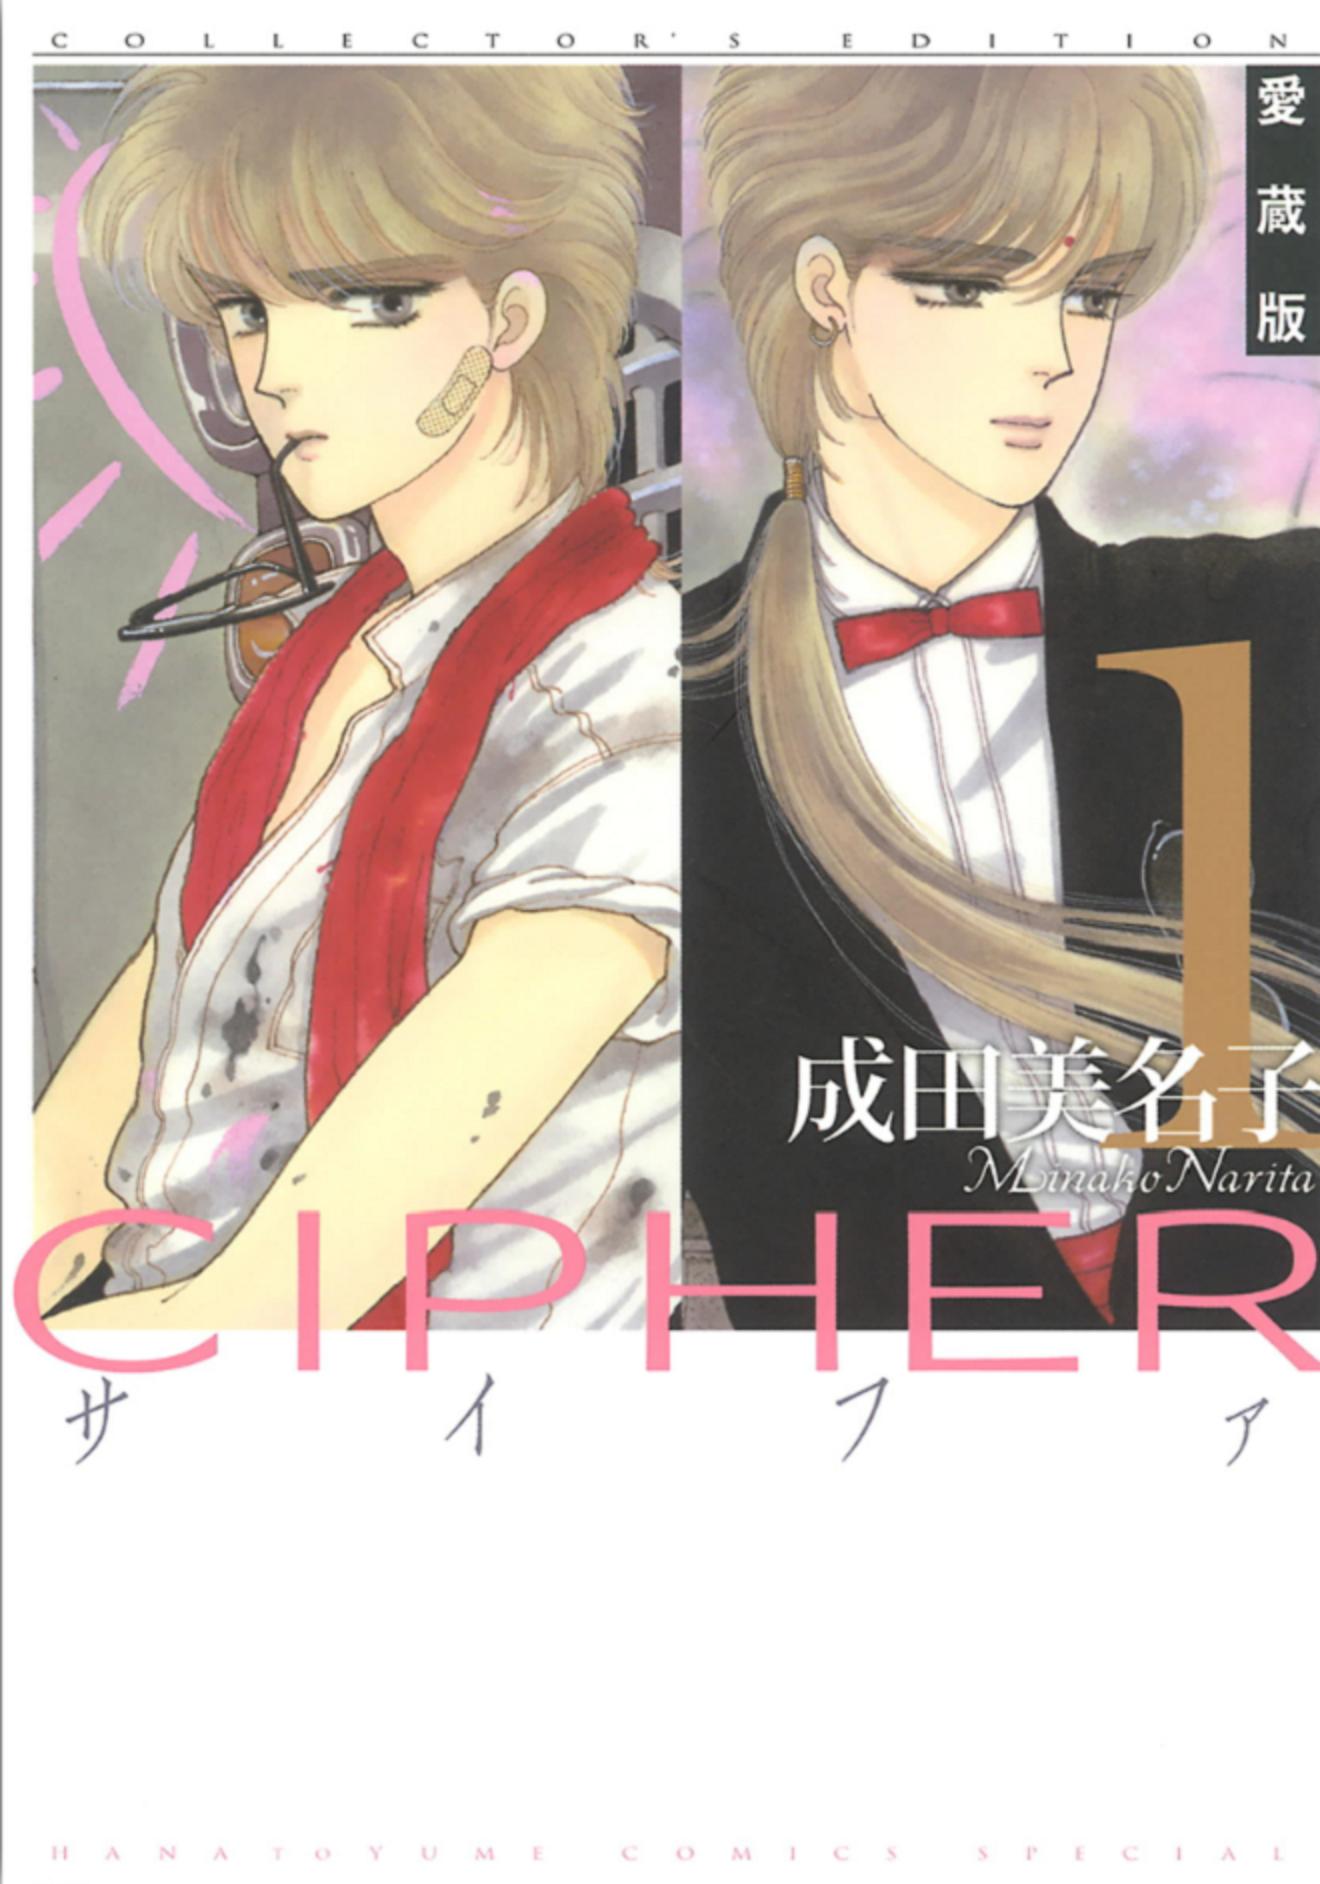 漫画『CIPHER』結末までの見所をネタバレ考察!泣ける名作が無料!